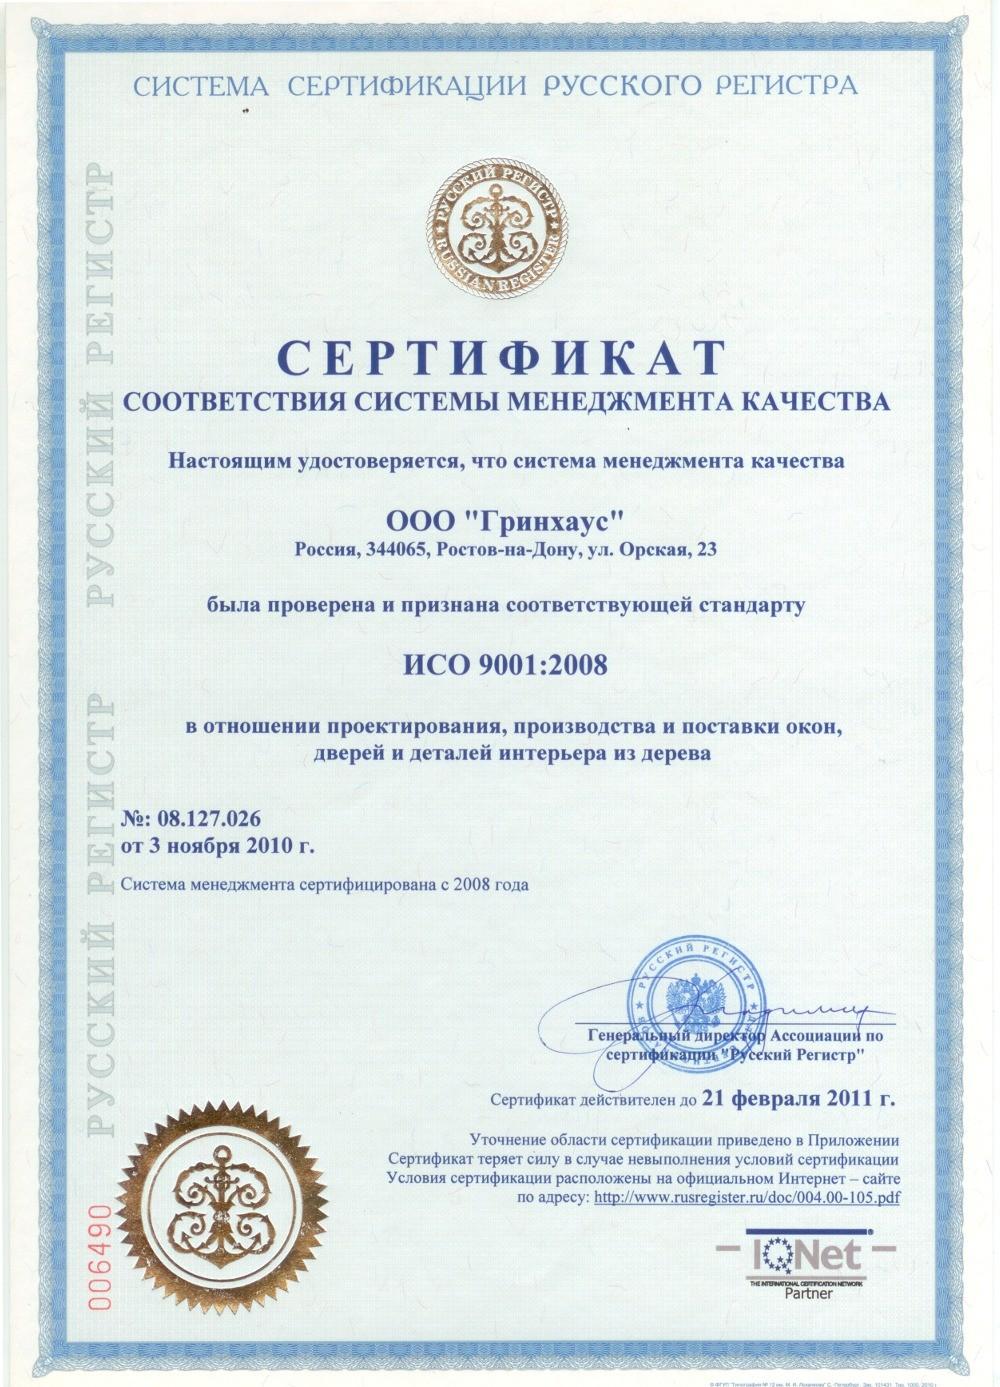 Сертификат СМК 9001:2008